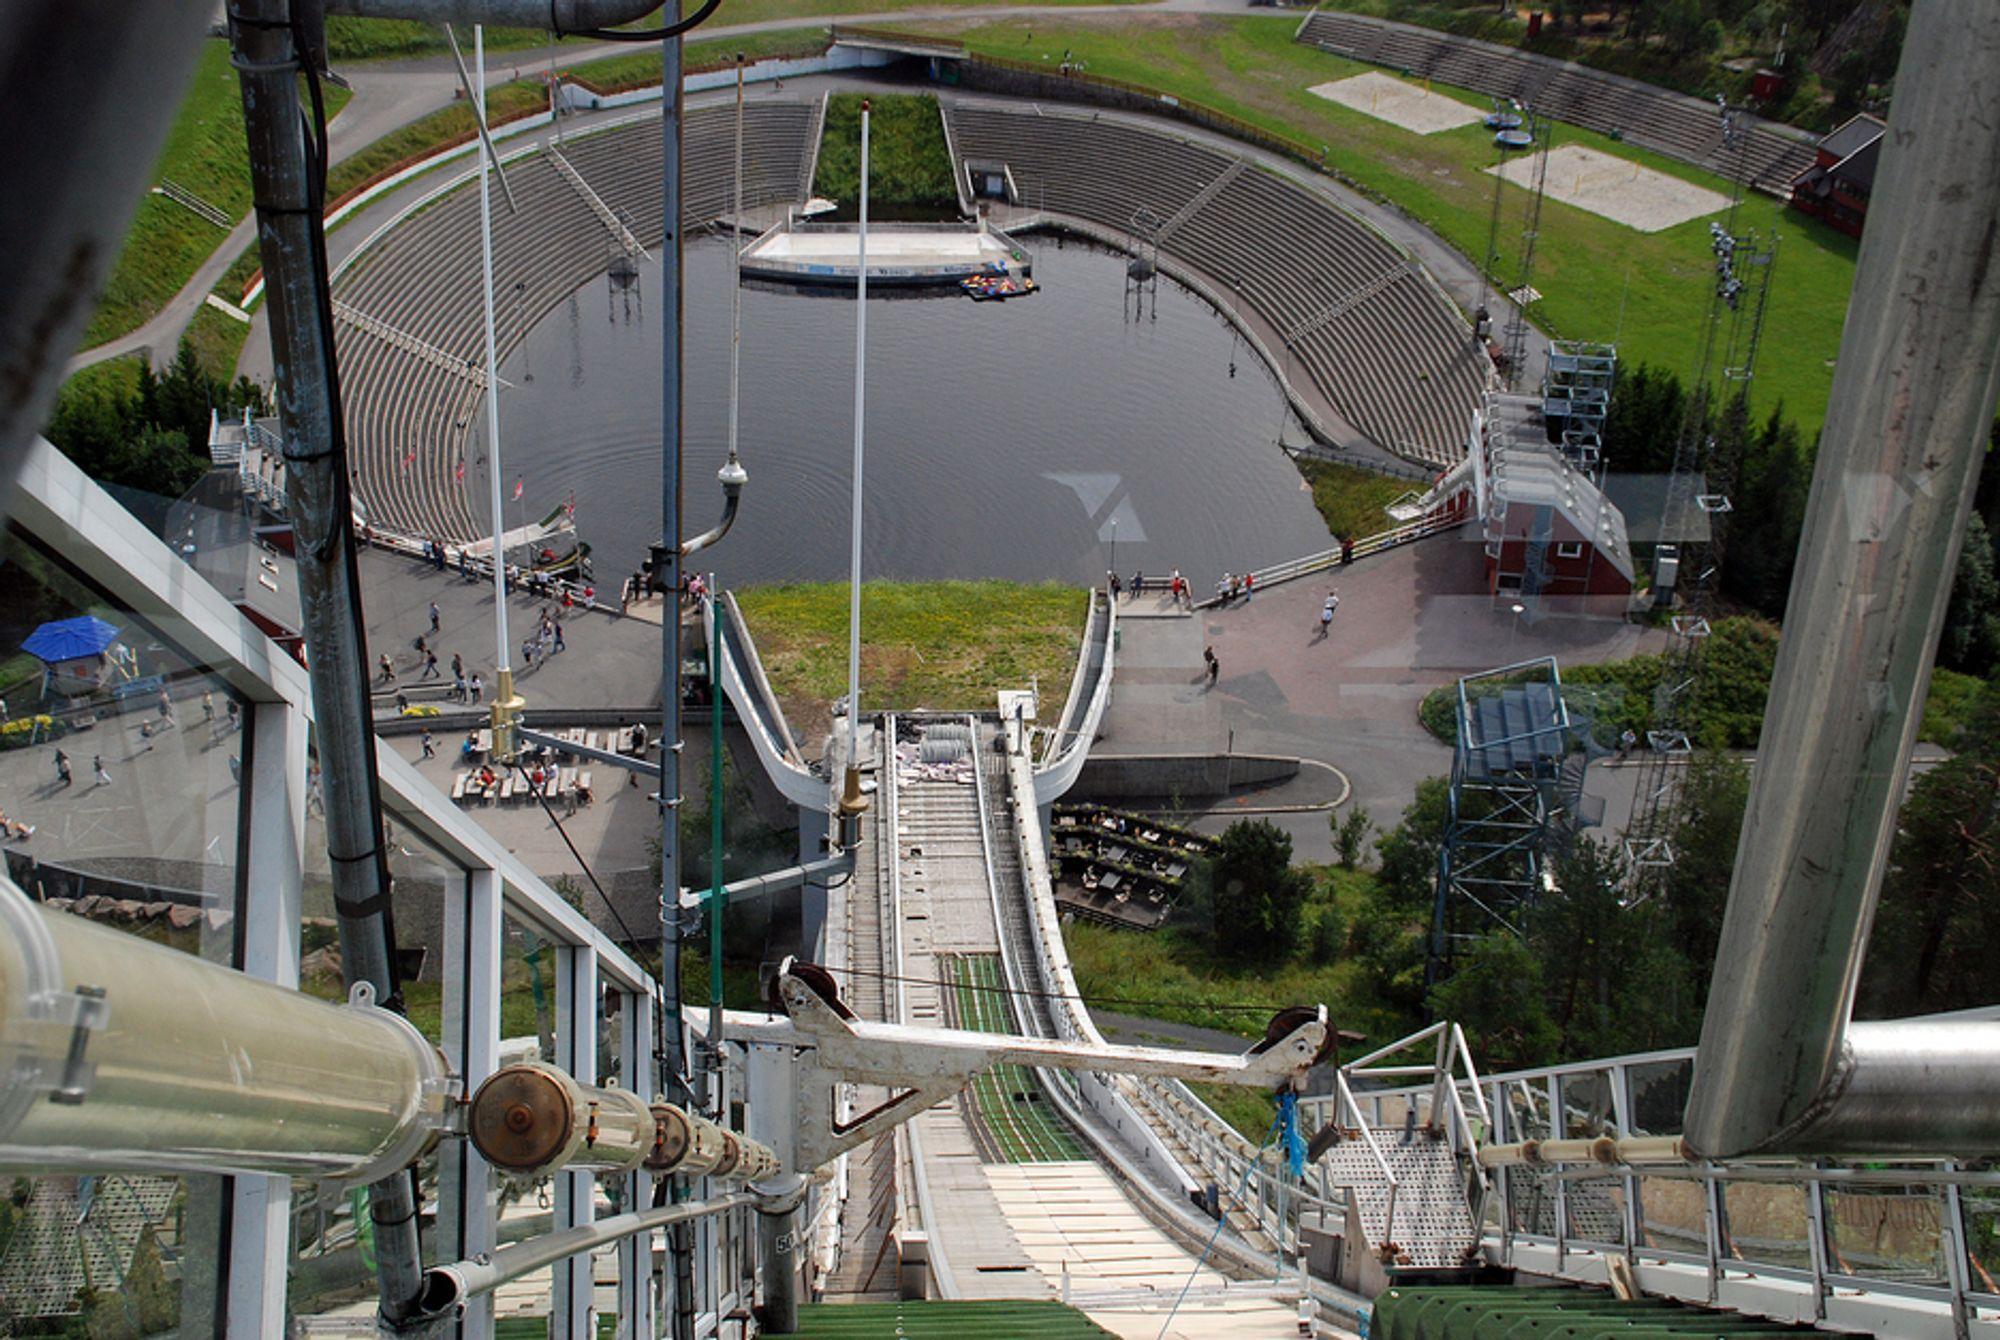 HISTORIE: Besserudtjernet sett fra Diamanten på toppen av Holmenkollbakkens tilløp i august 2008.